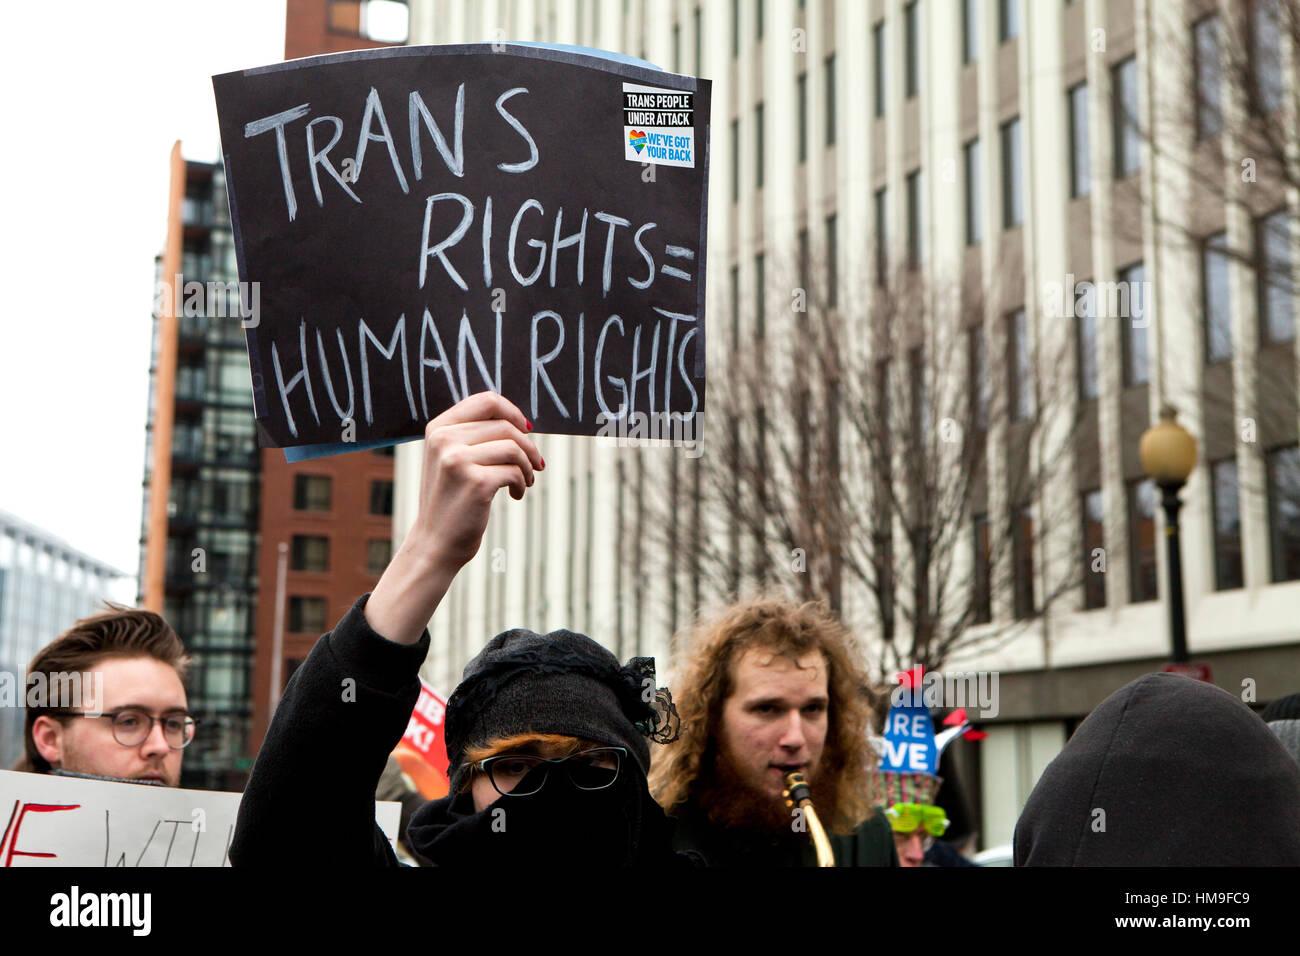 Frau mit Transgenger Rechte Zeichen bei Protest - Washington, DC USA Stockbild